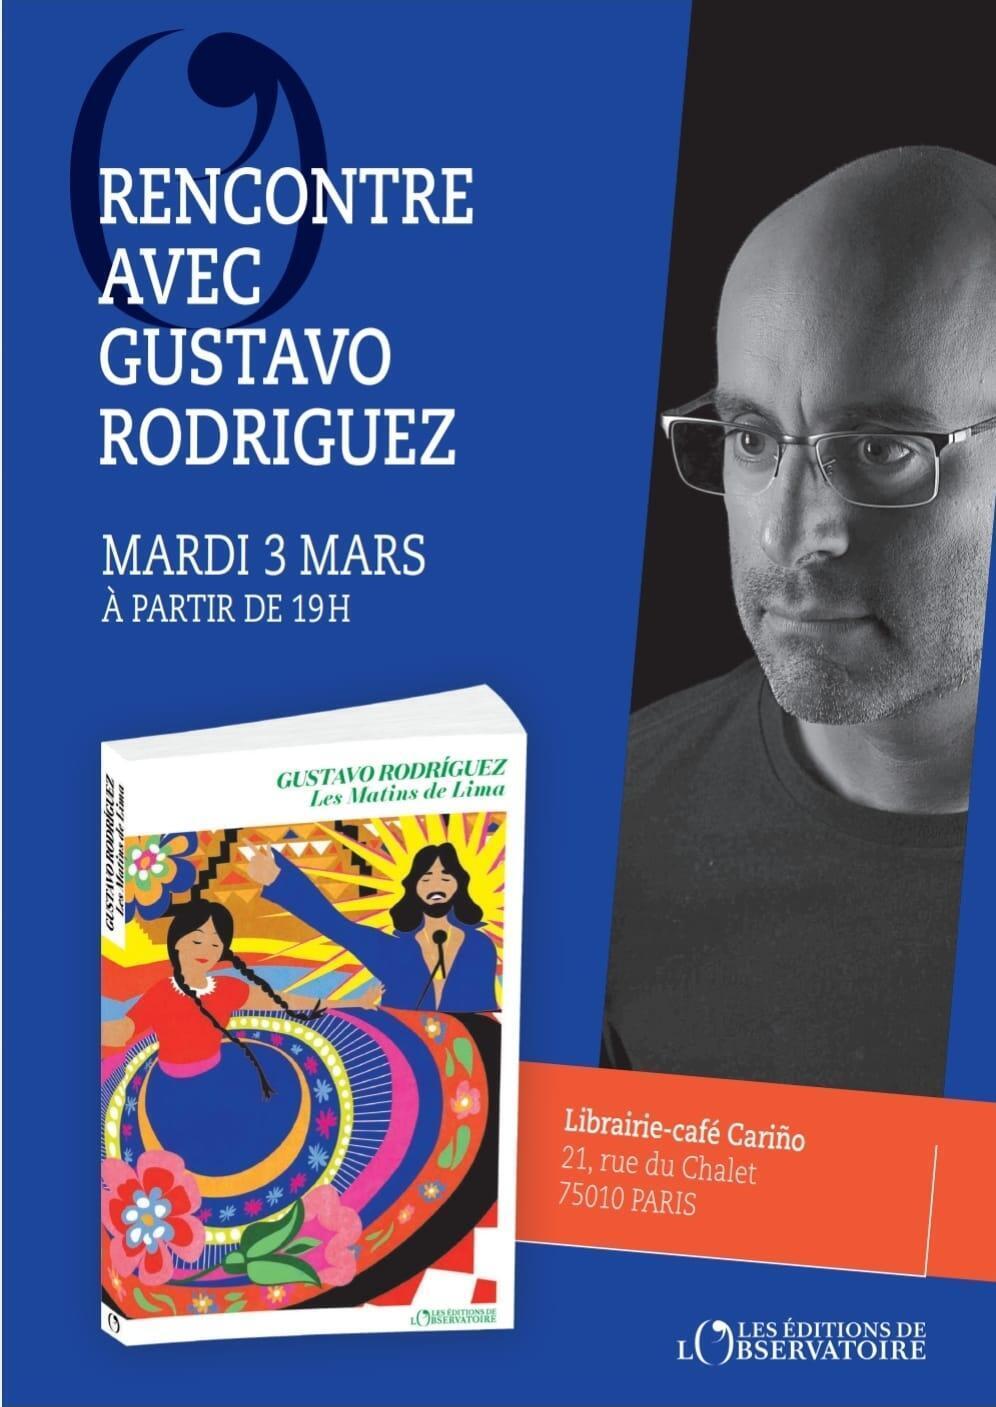 Cartel de la presentación en París